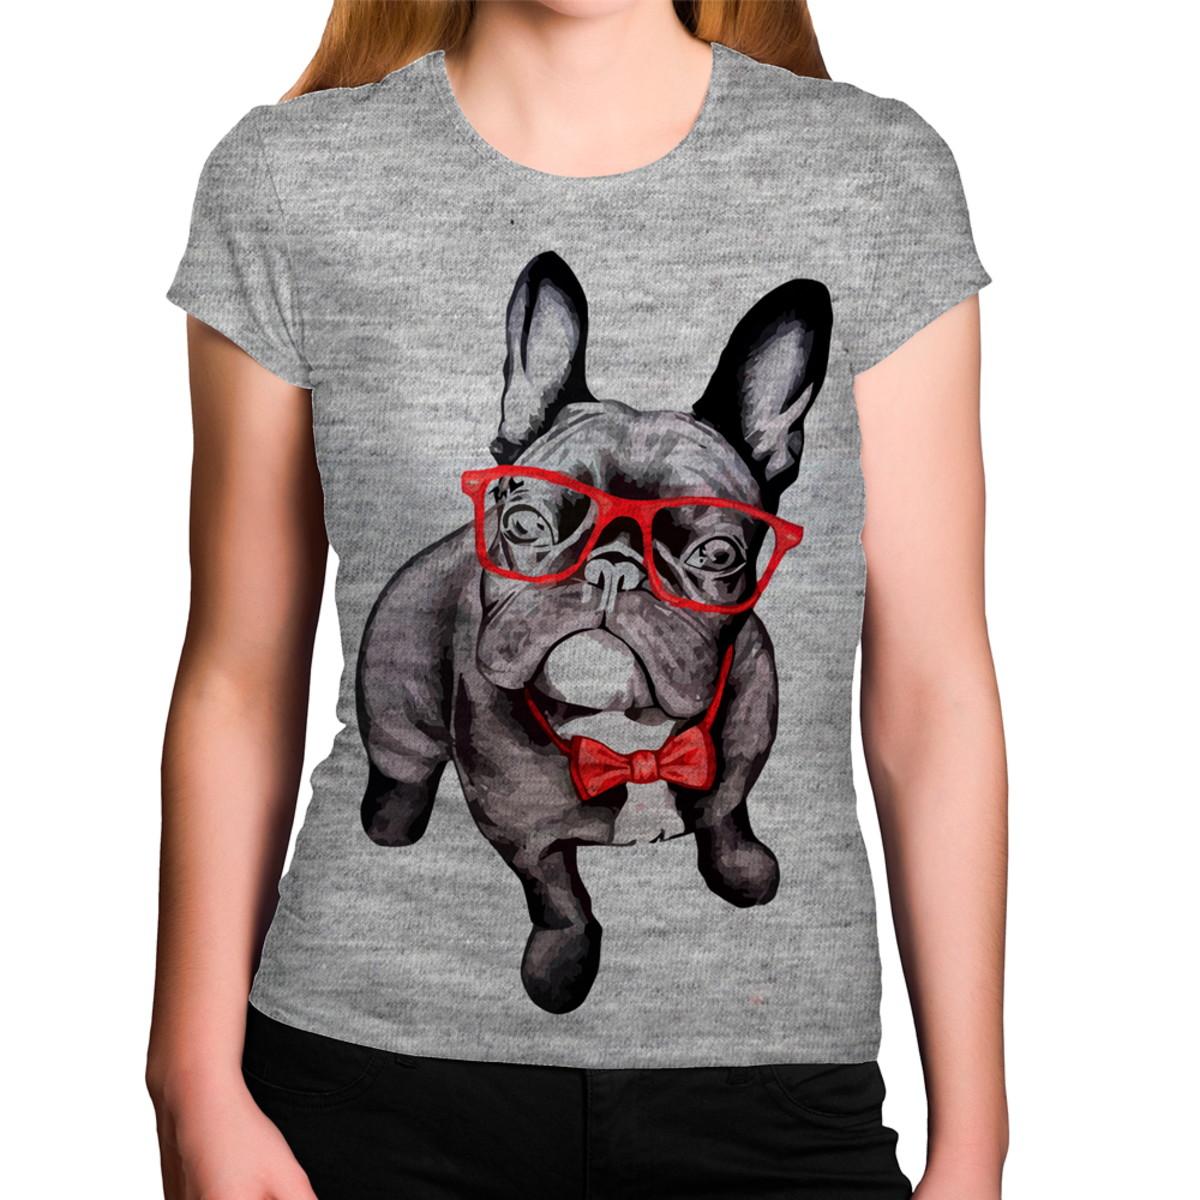 Camiseta Feminina Cinza Mescla Cachorro Estiloso Óculos Grav no Elo7 ... a27aa329a6